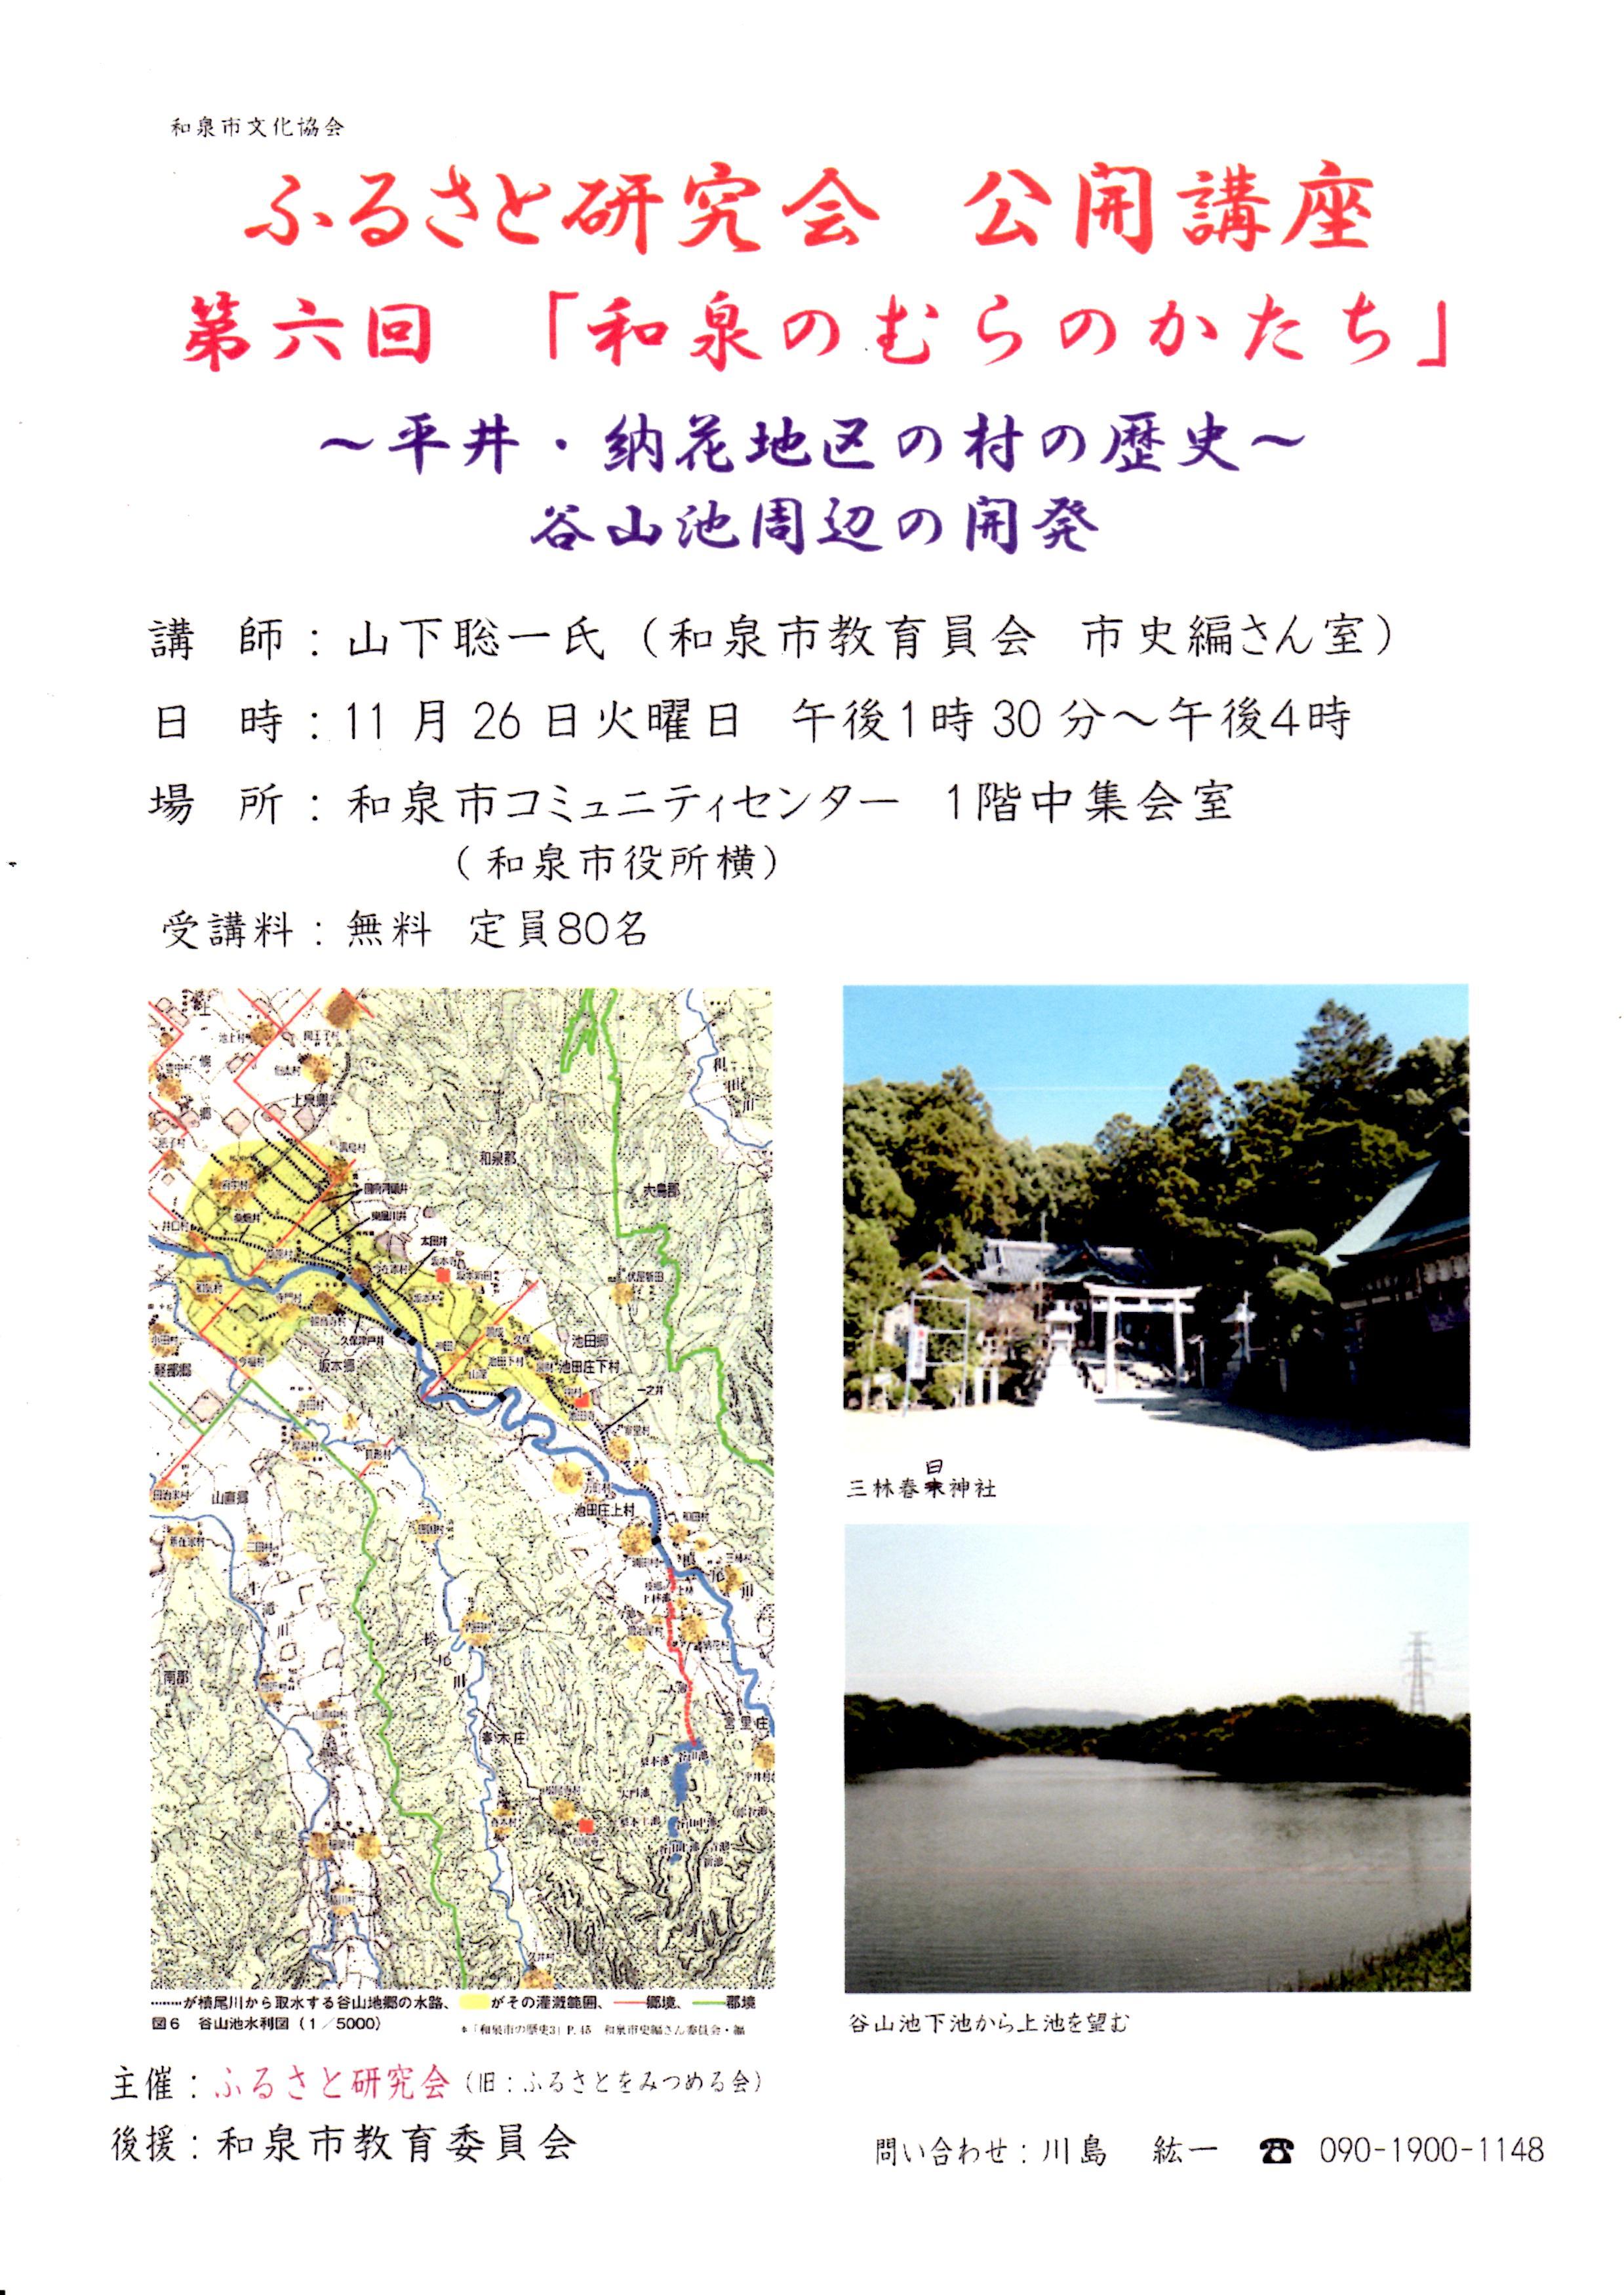 【終了】2019年11月26日(火) ふるさと研究会 公開講座 第六回「和泉のむらのかたち」